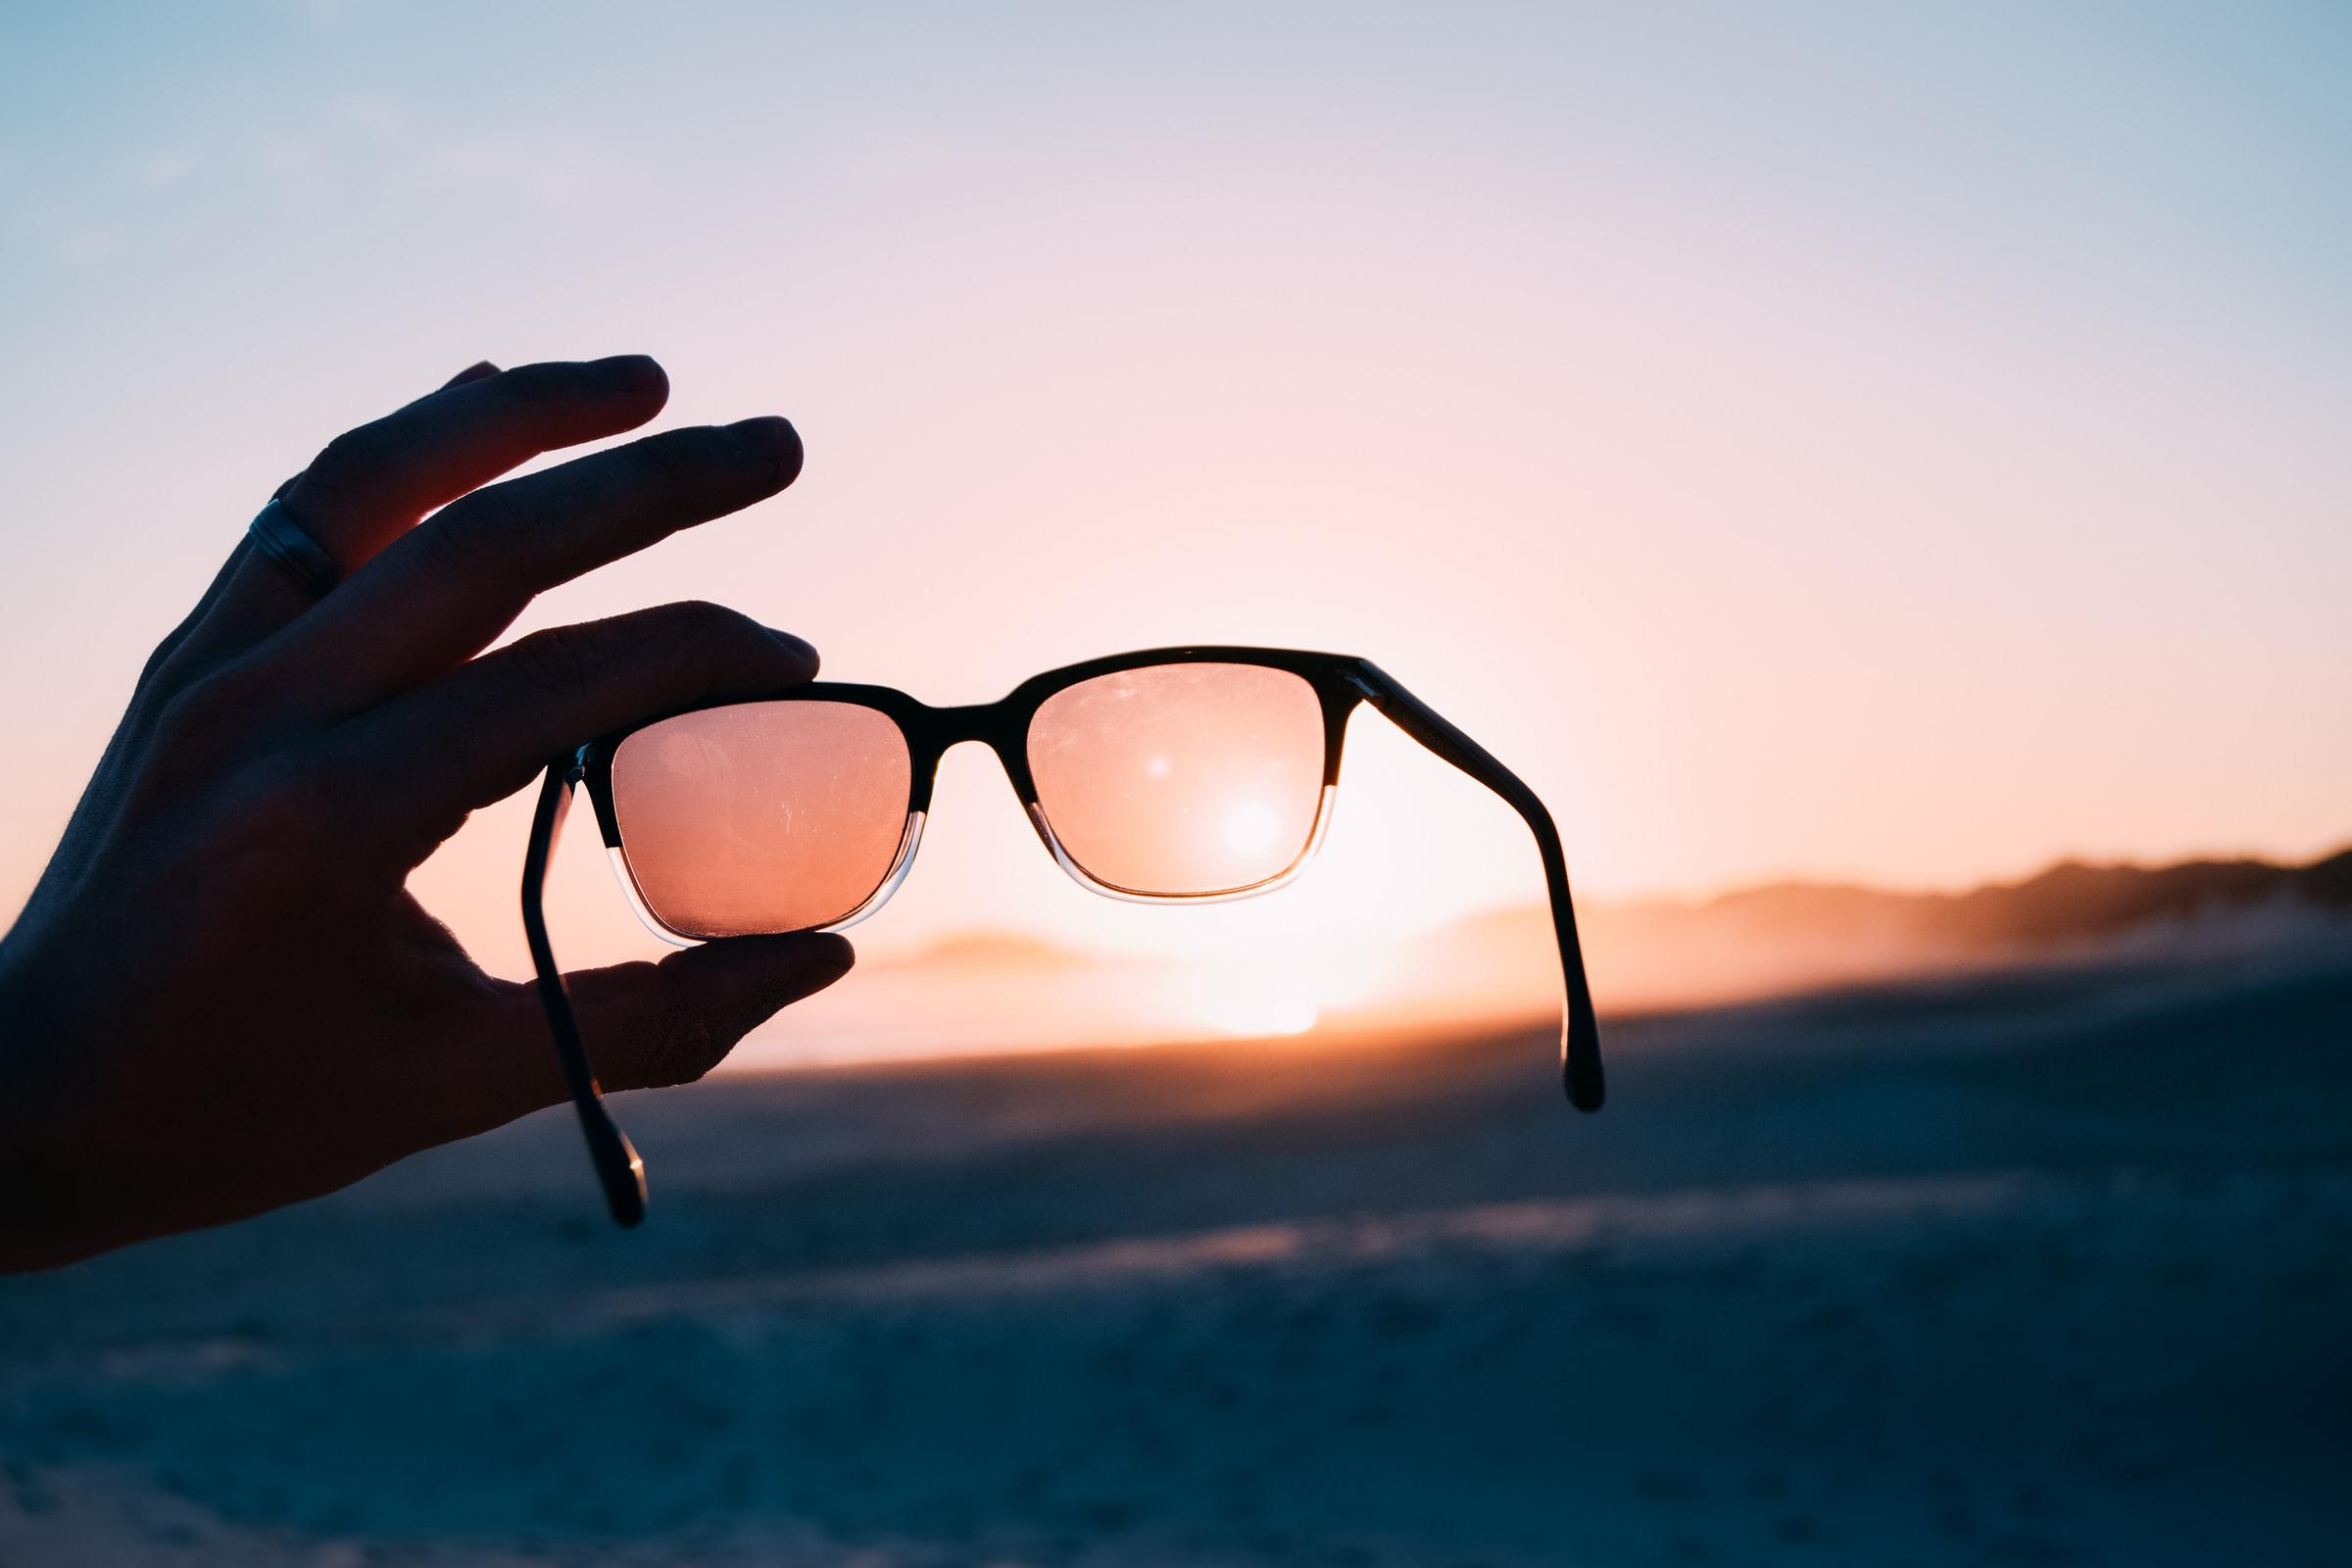 Mano sosteniendo gafas de zul